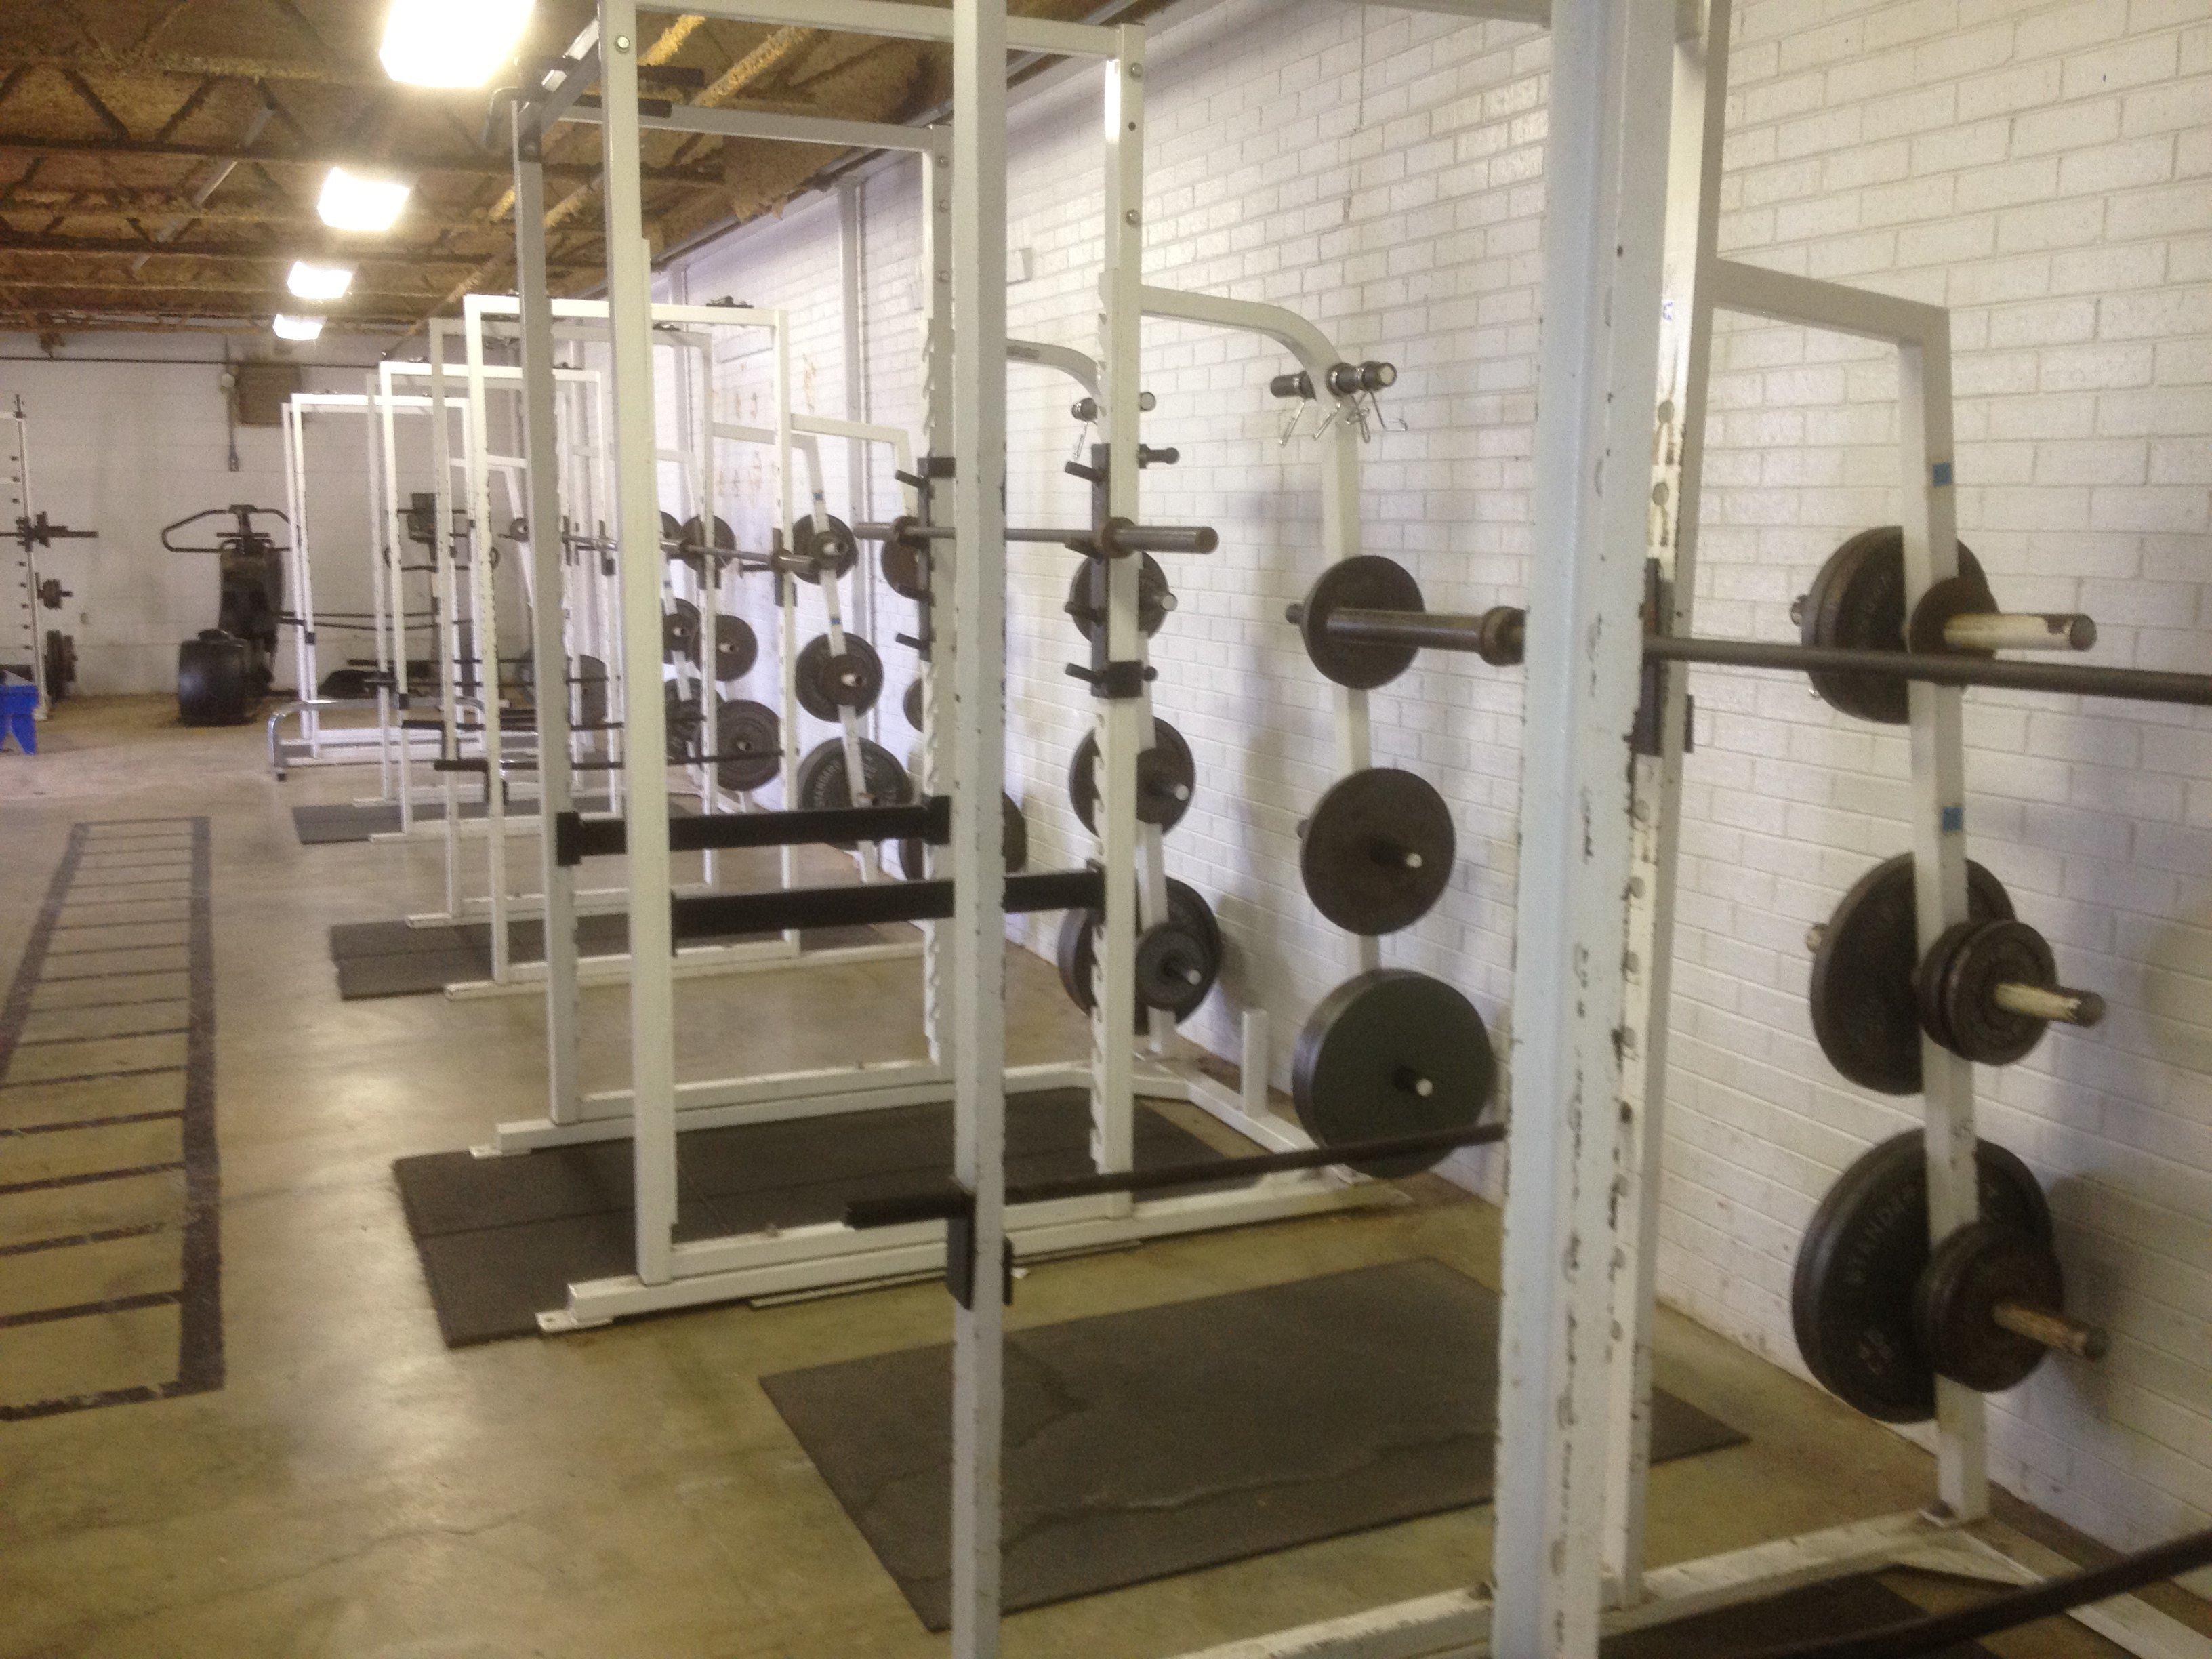 weight-room.JPG#asset:1914